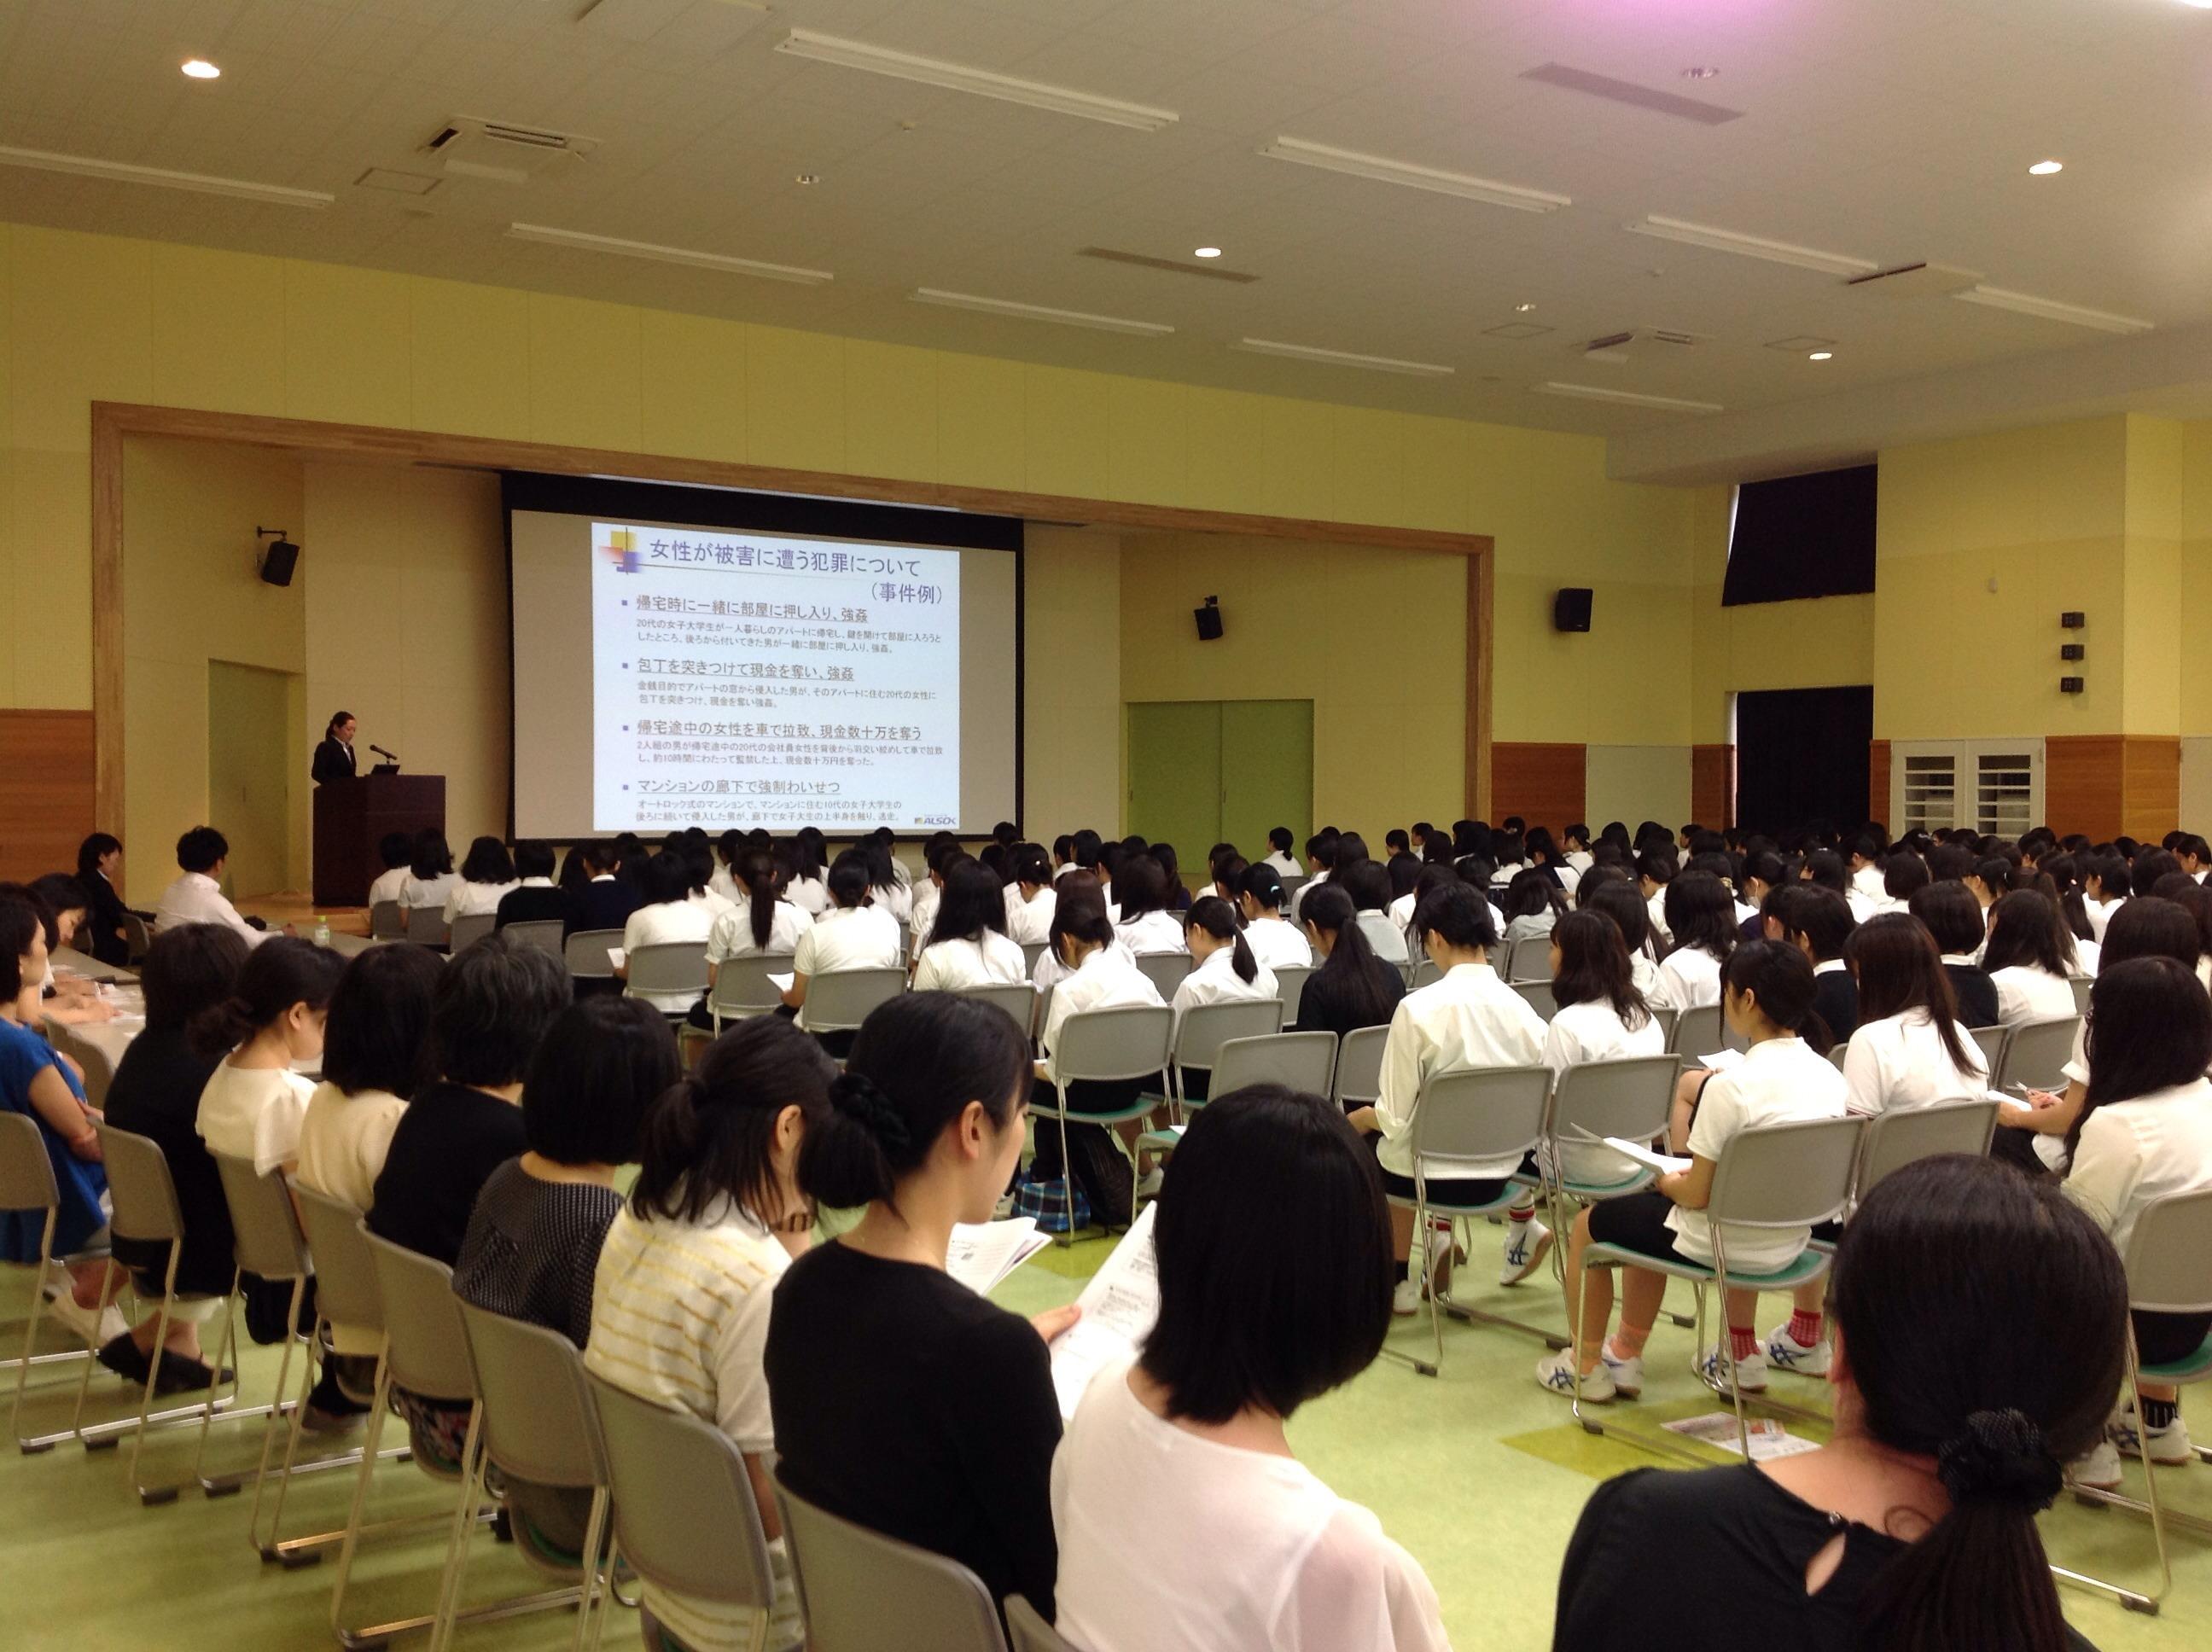 セミナー 女子 Peace Seminar Presentation<br>ピースセミナー報告会:ブログ ...